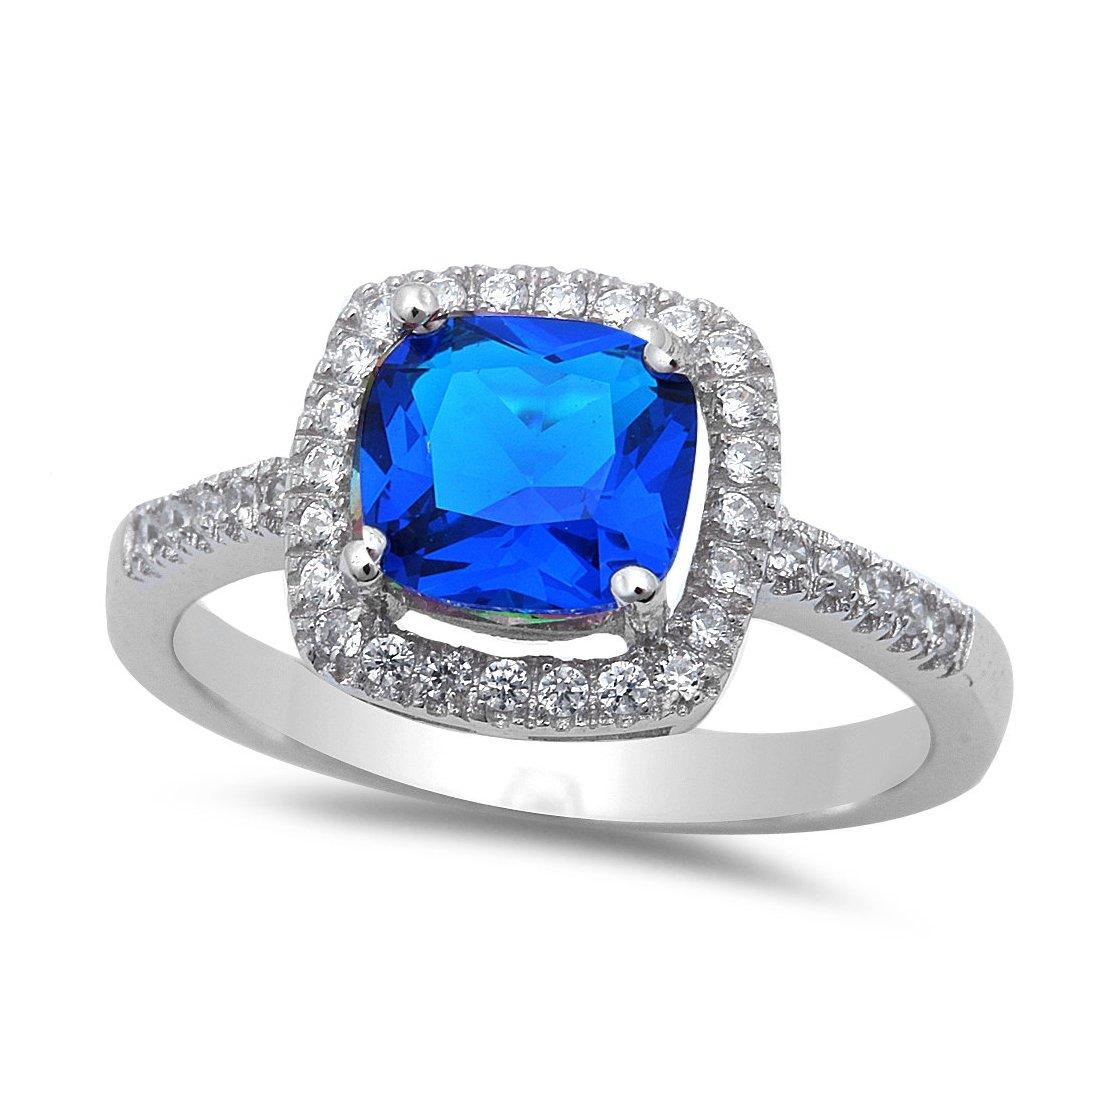 Amazon.com: Vintage Halo acento anillo de compromiso de boda ...